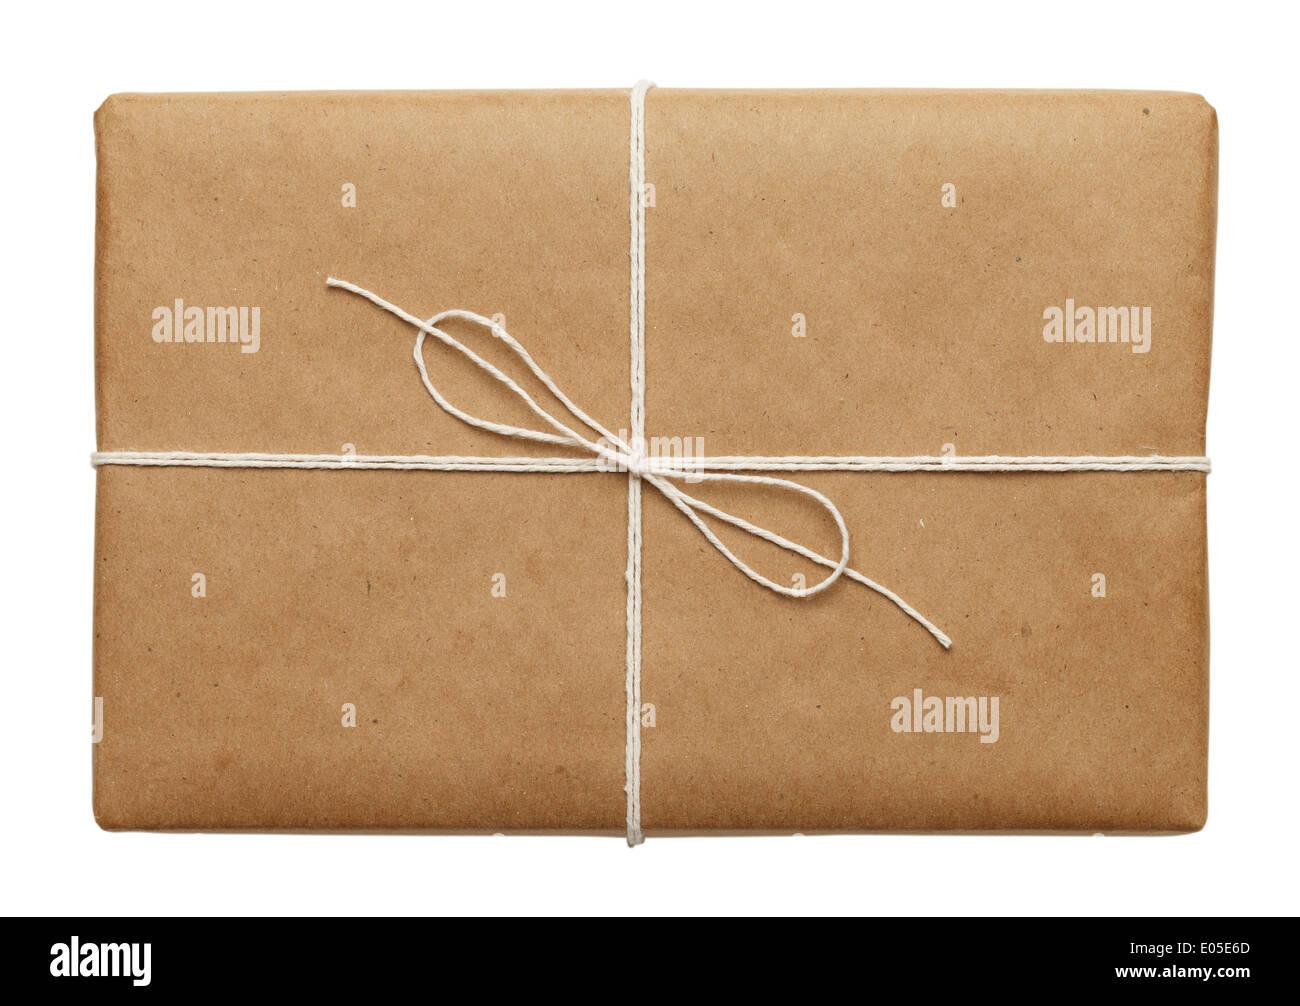 Bandeja de papel marrón atado con cuerda fina de paquete o presente aislado sobre fondo blanco. Imagen De Stock